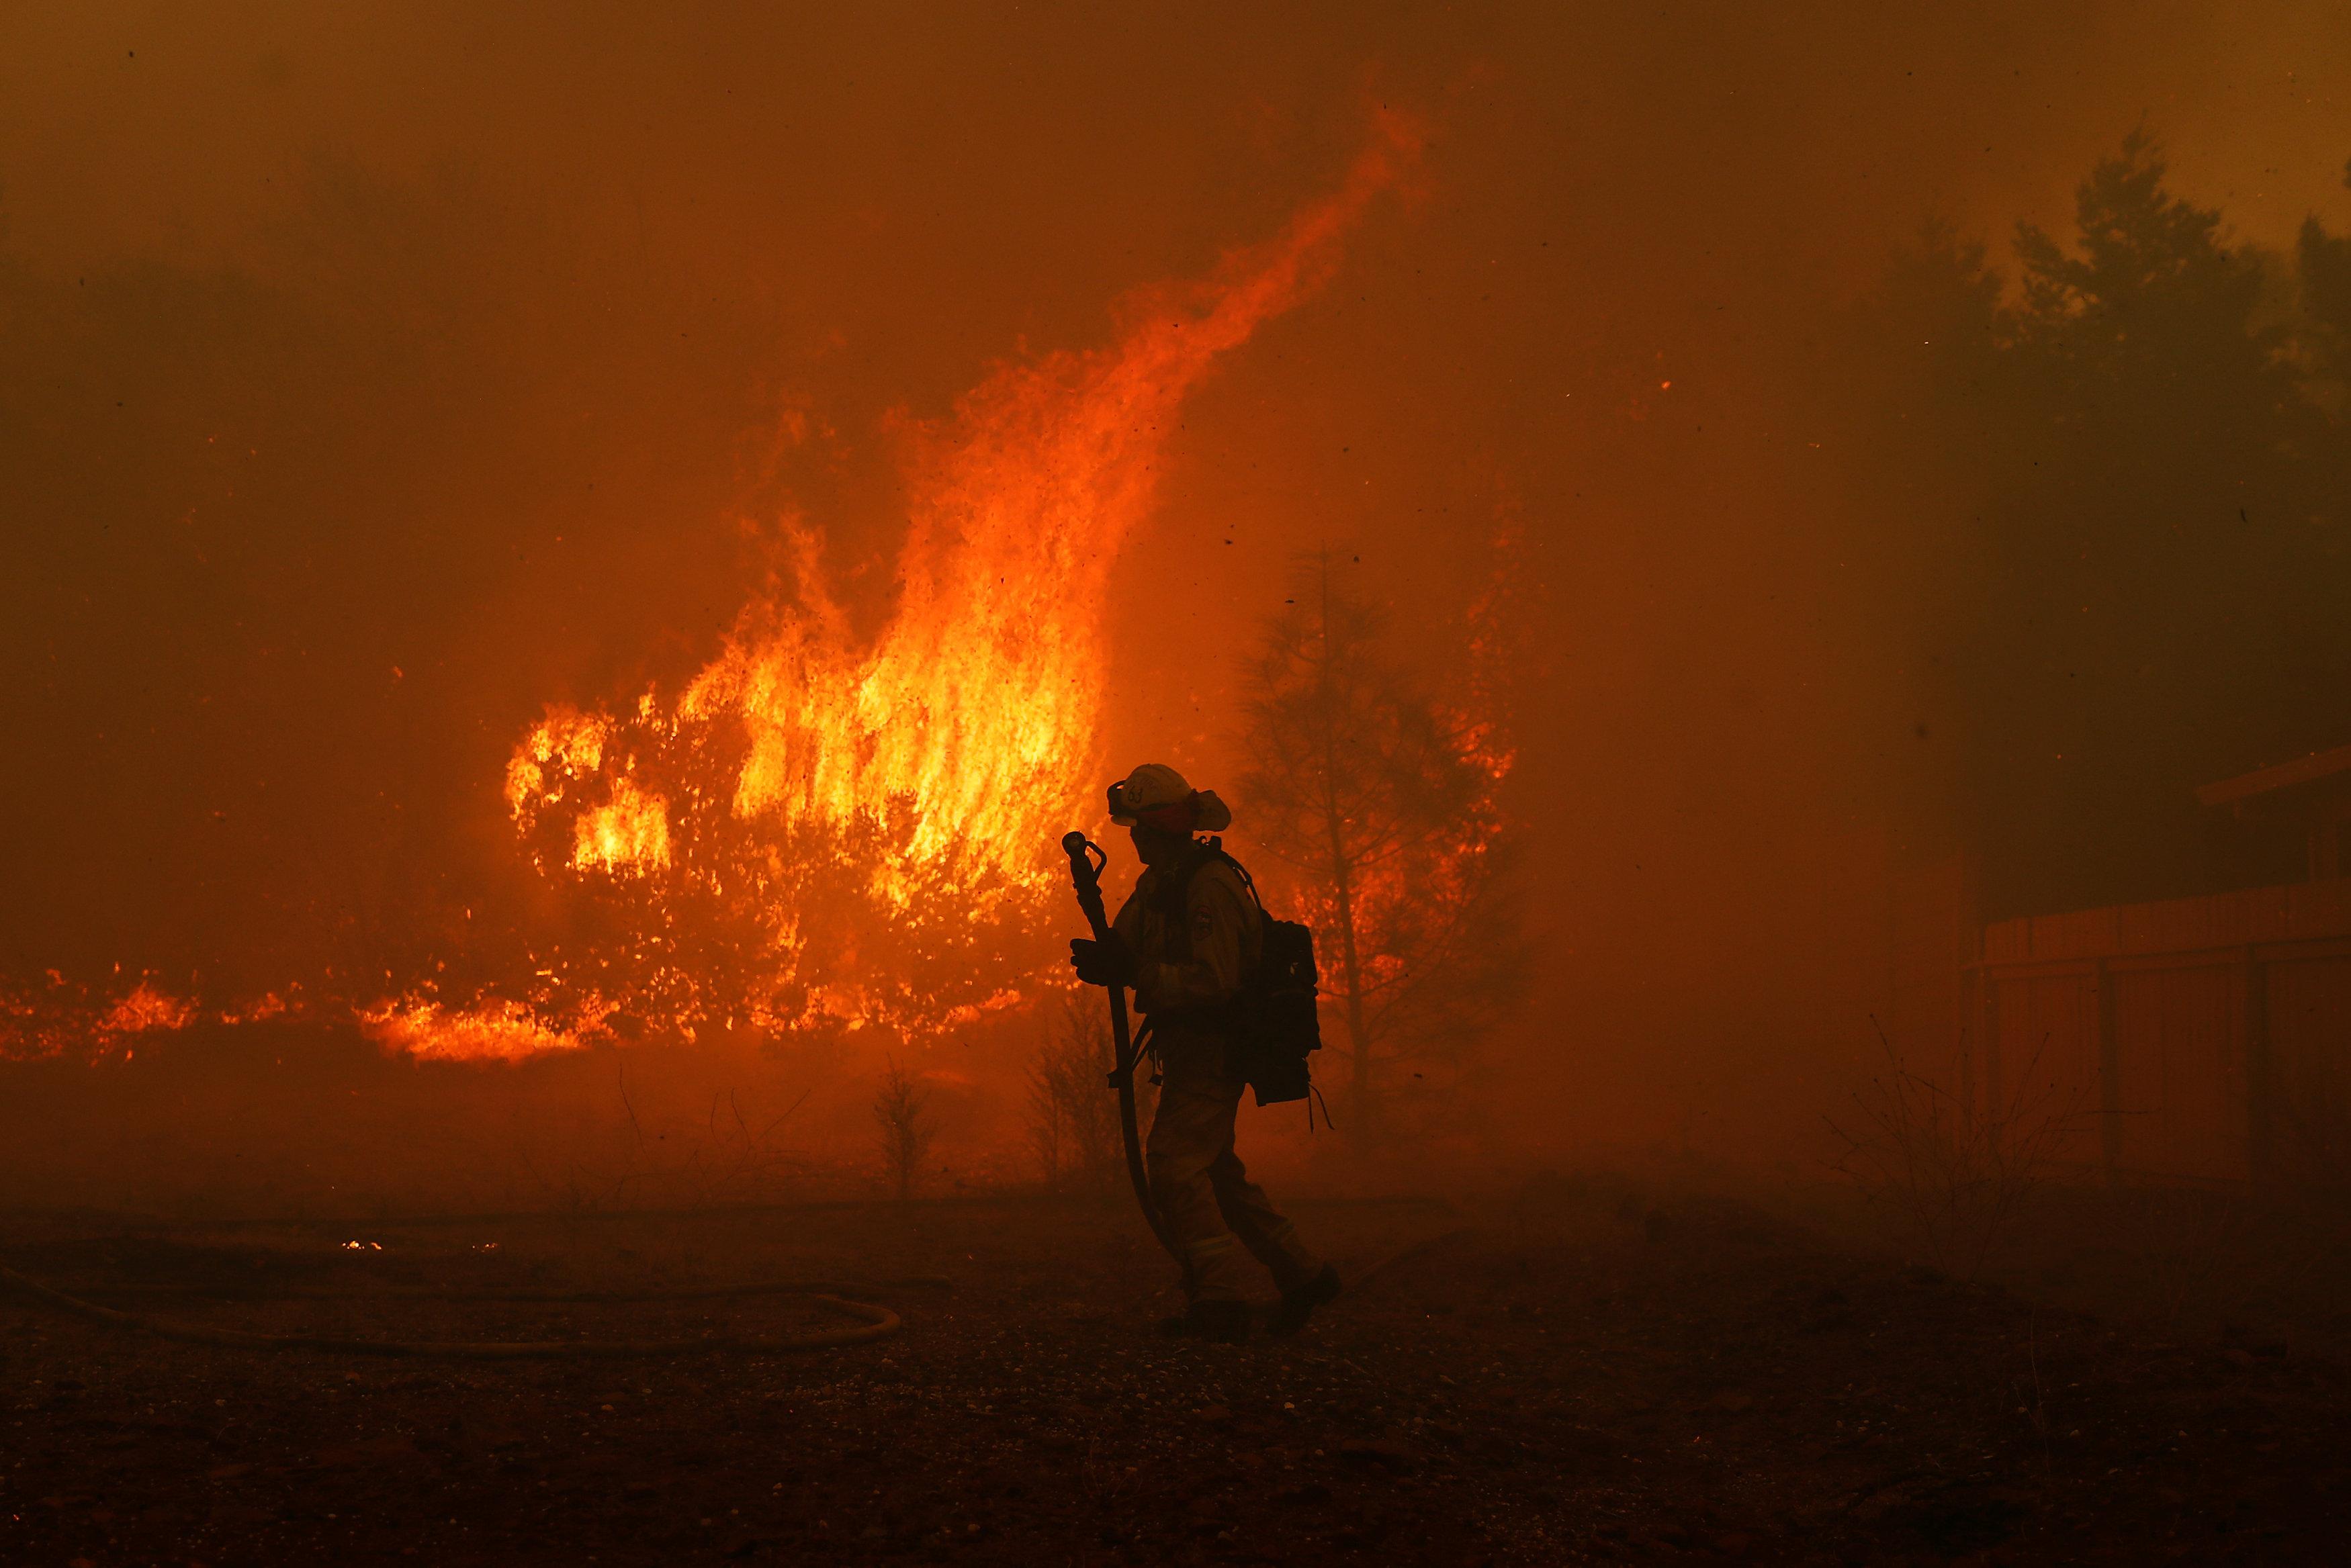 أحد رجال الإنقاذ يهرب من النيران الشديدة